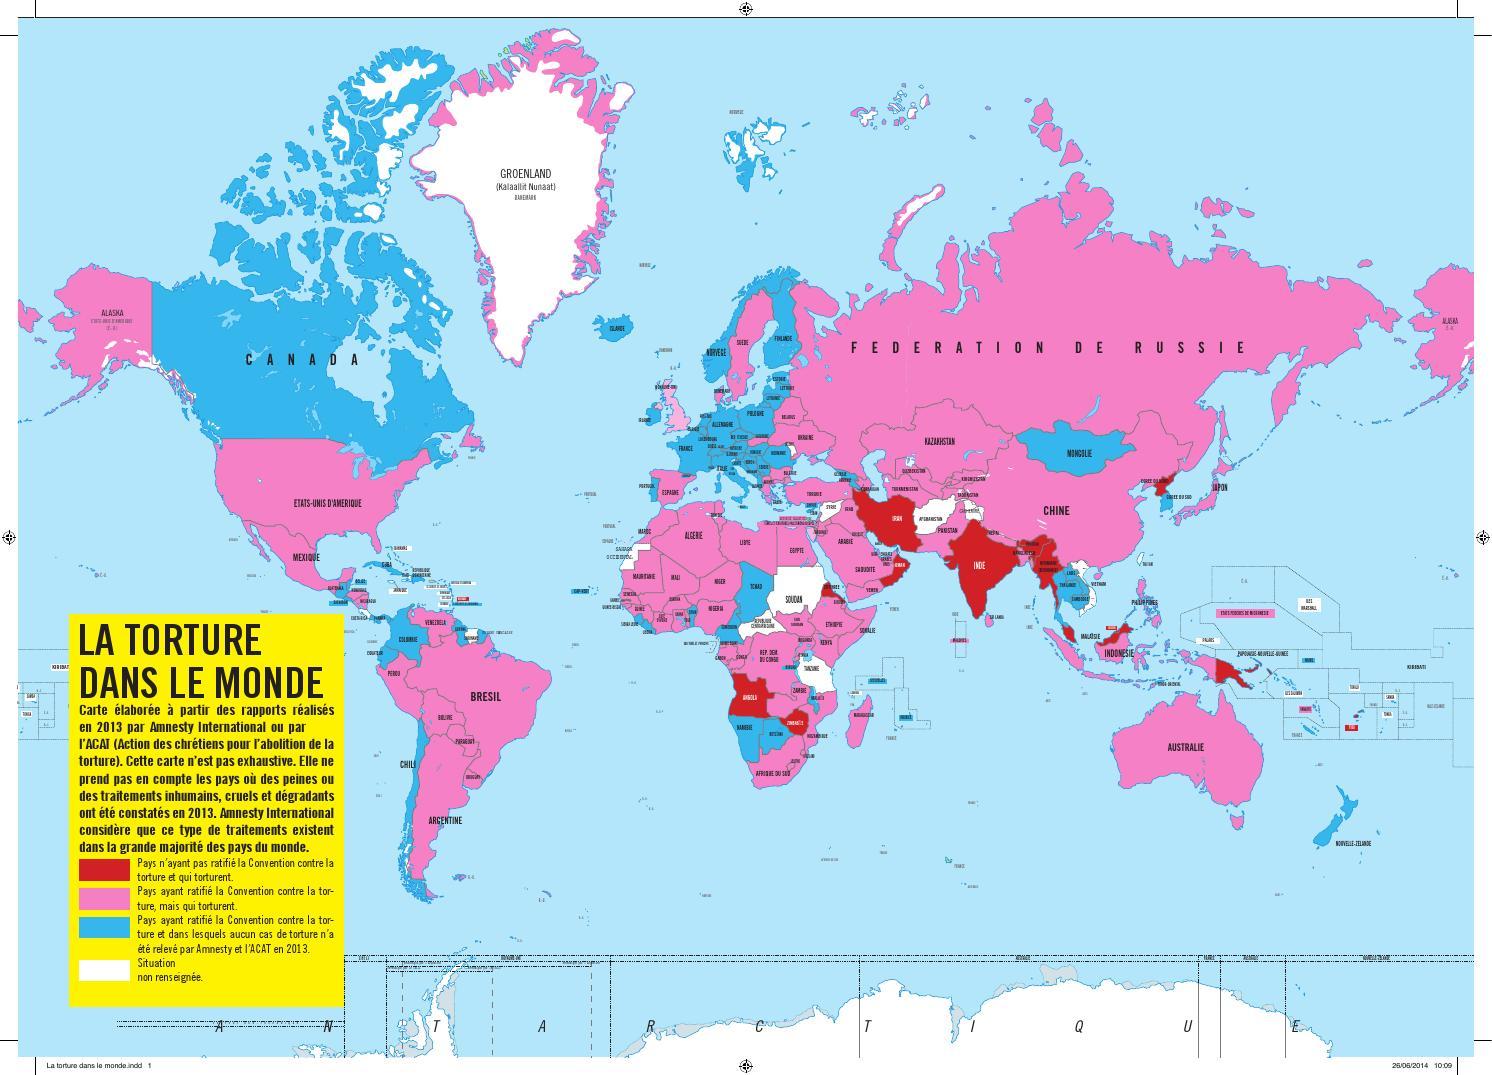 La torture dans le monde Carte géographique by Amnesty